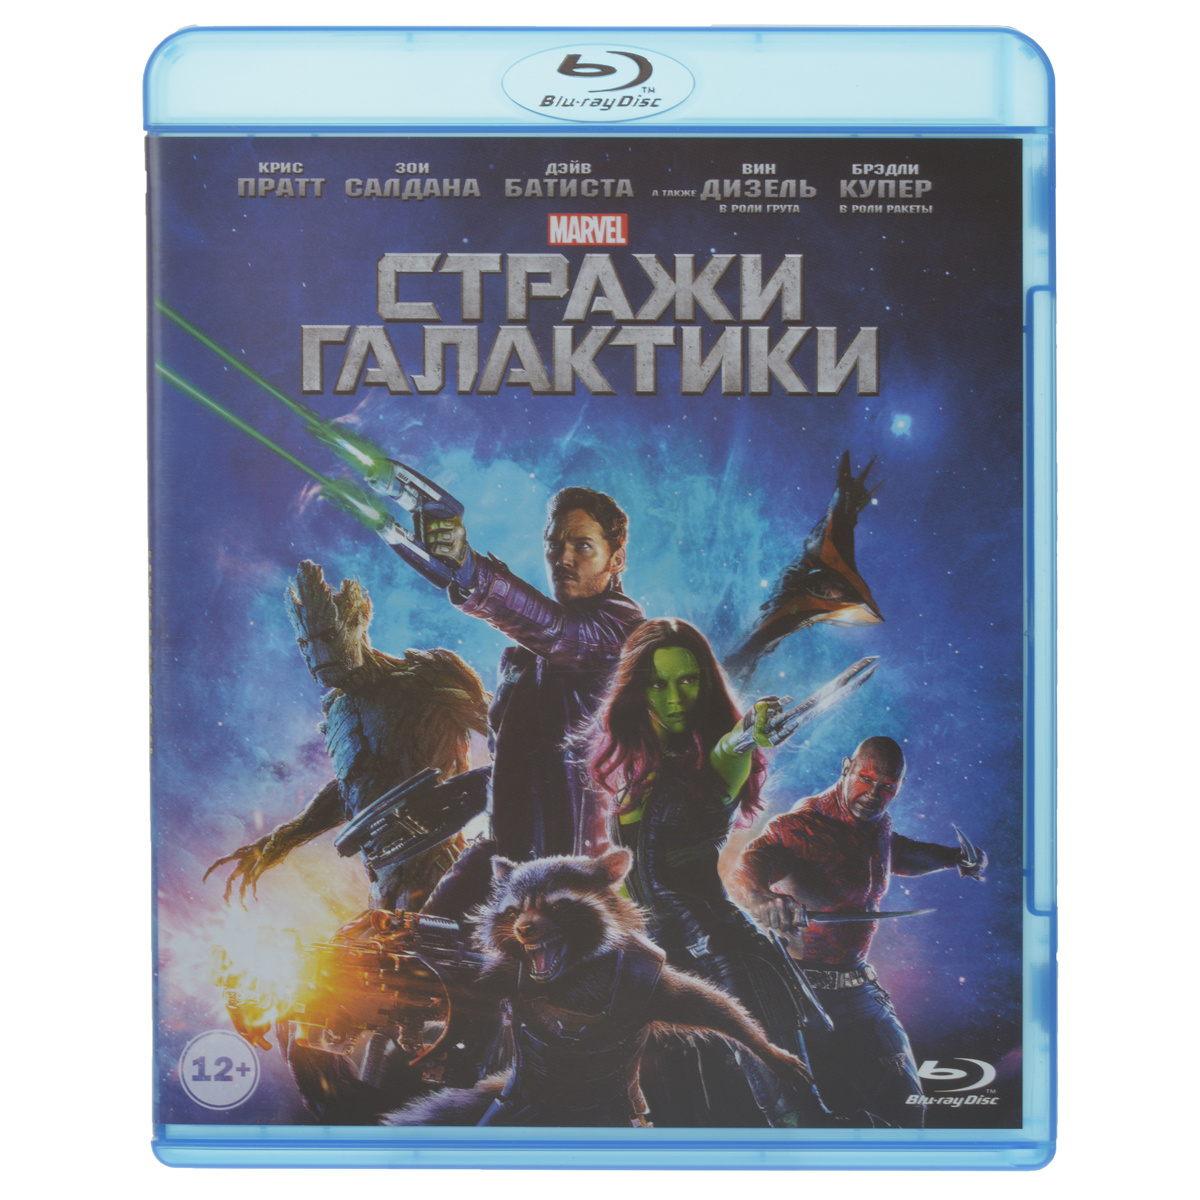 Стражи галактики (Blu-ray) #1